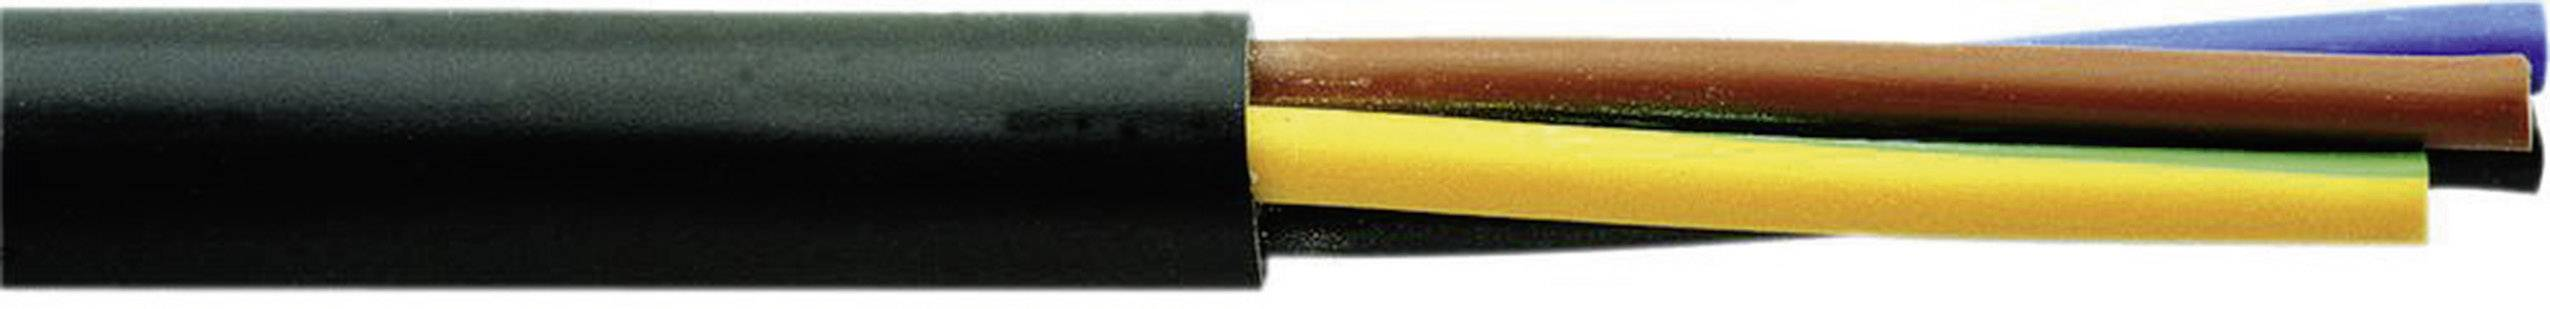 Vícežílový kabel Faber Kabel H05RR-F, 050023, 3 G 0.75 mm², černá, metrové zboží